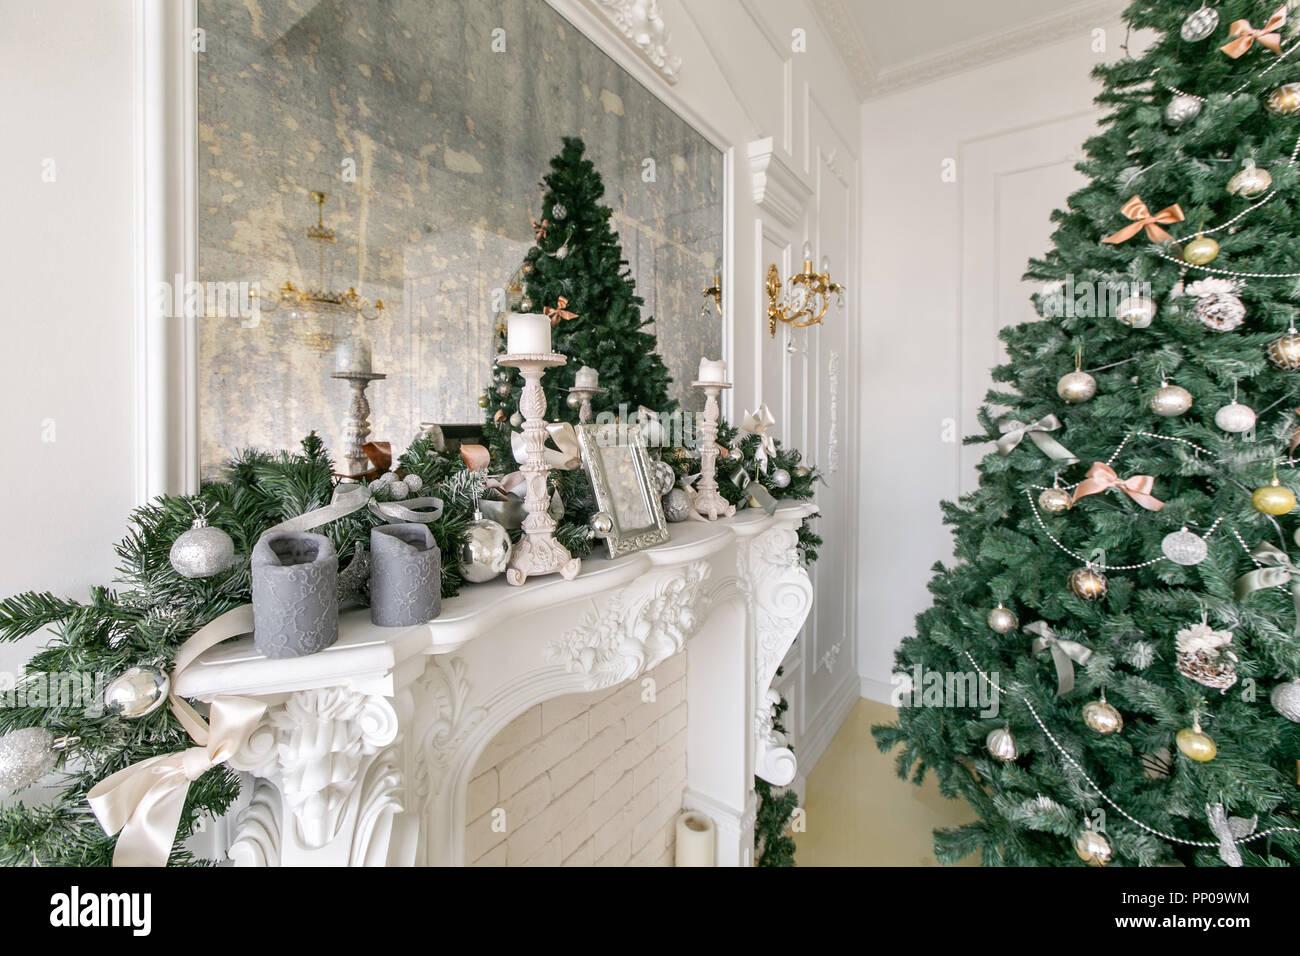 Branche D Arbre Sapin De Noel cheminée décorée avec des bougies blanches et branches de